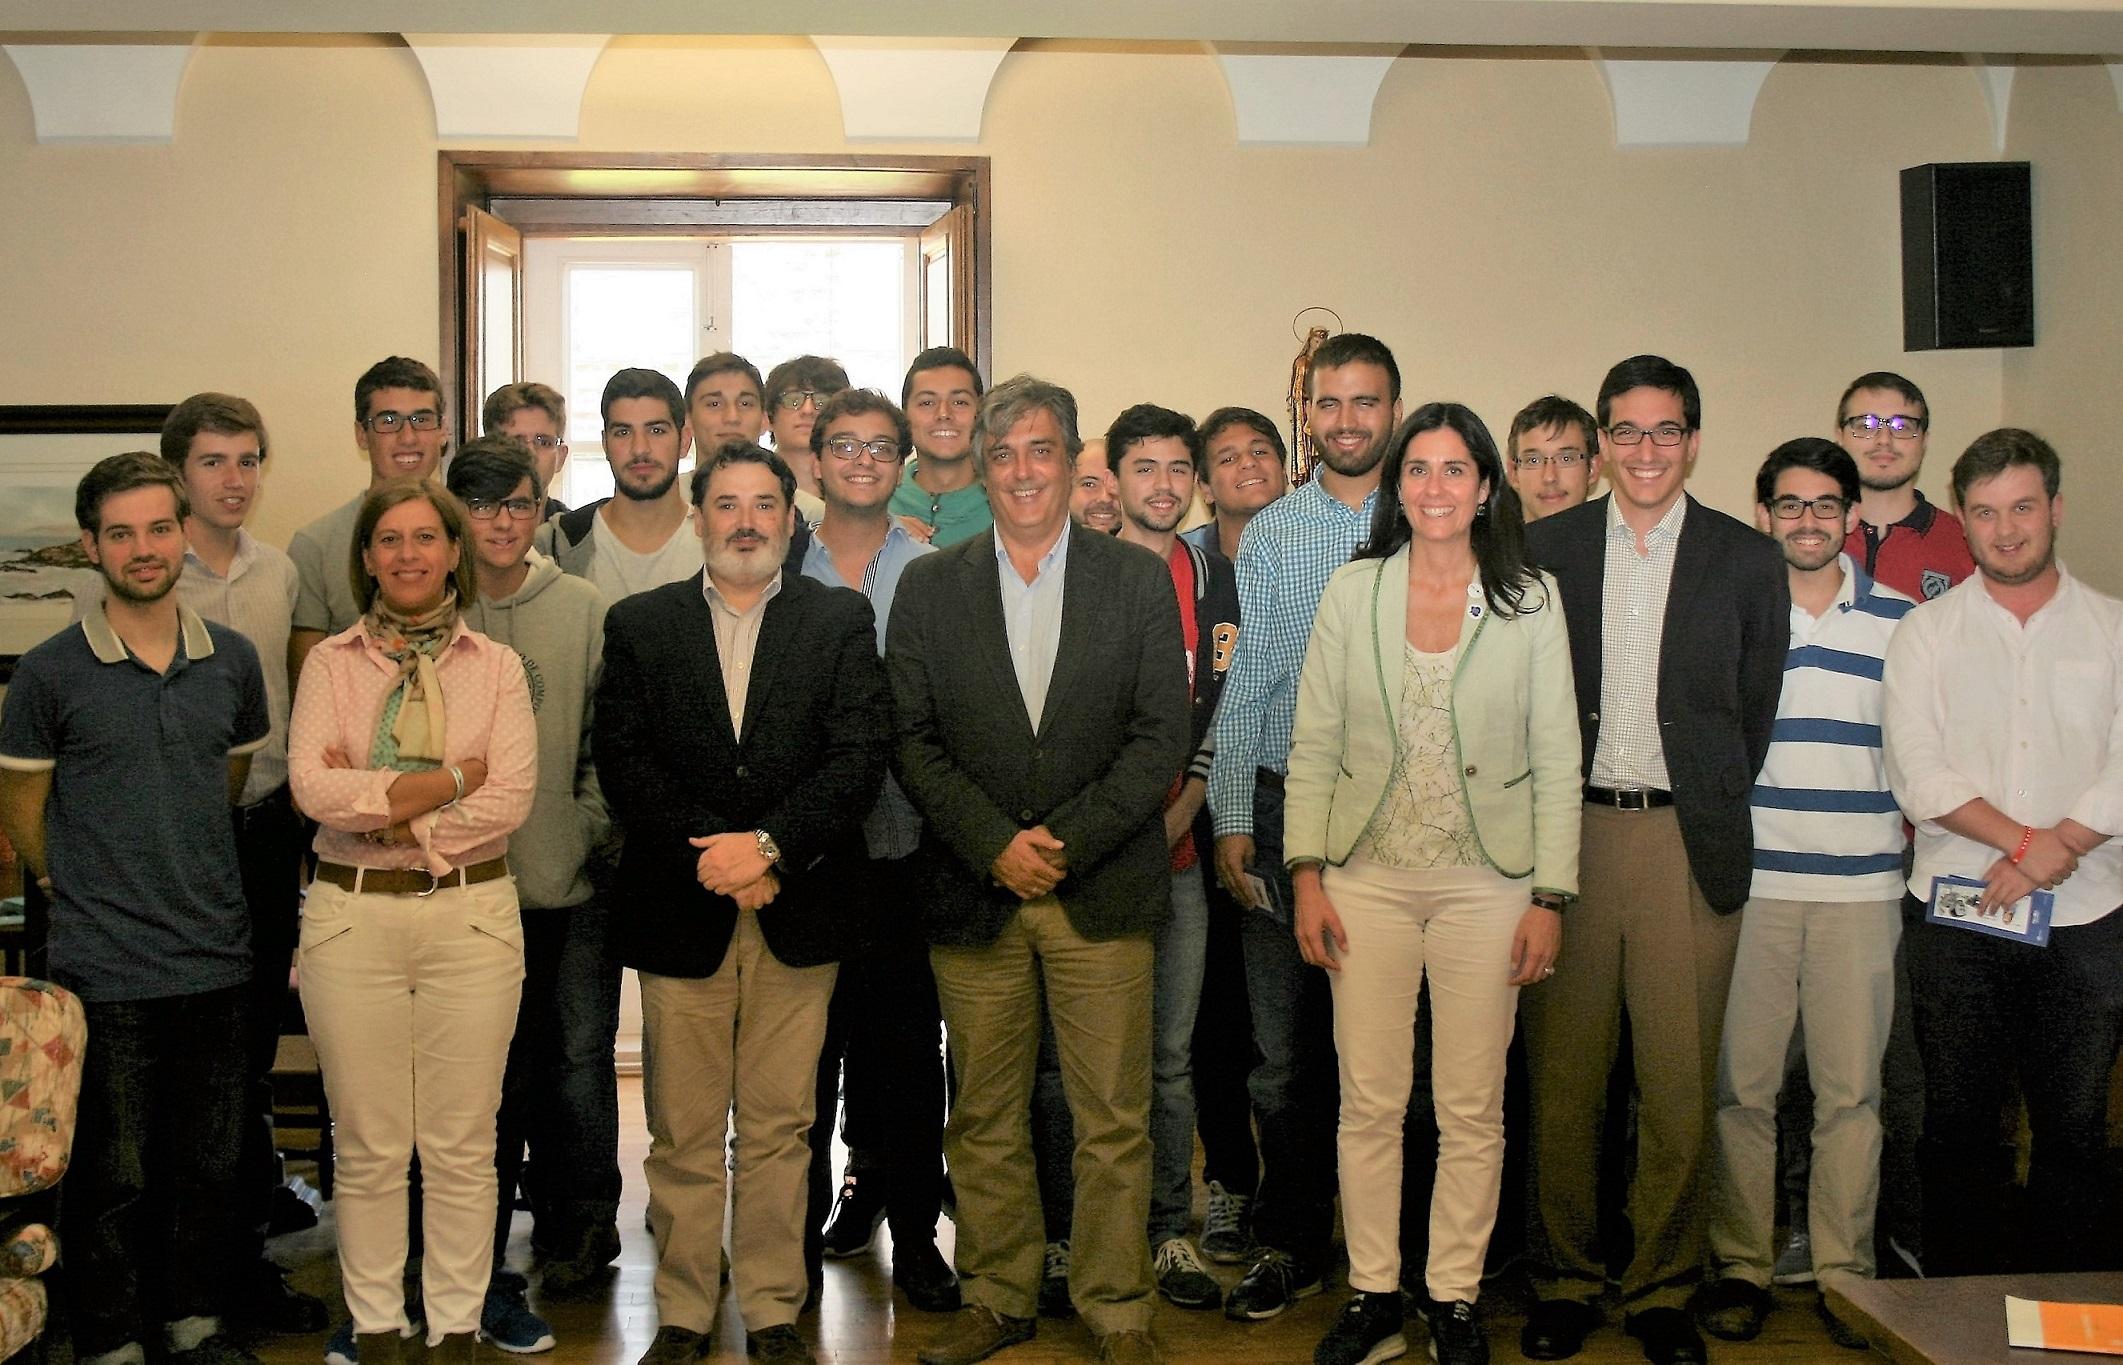 Representantes del Partido Popular presentan sus propuestas en el Colegio Mayor